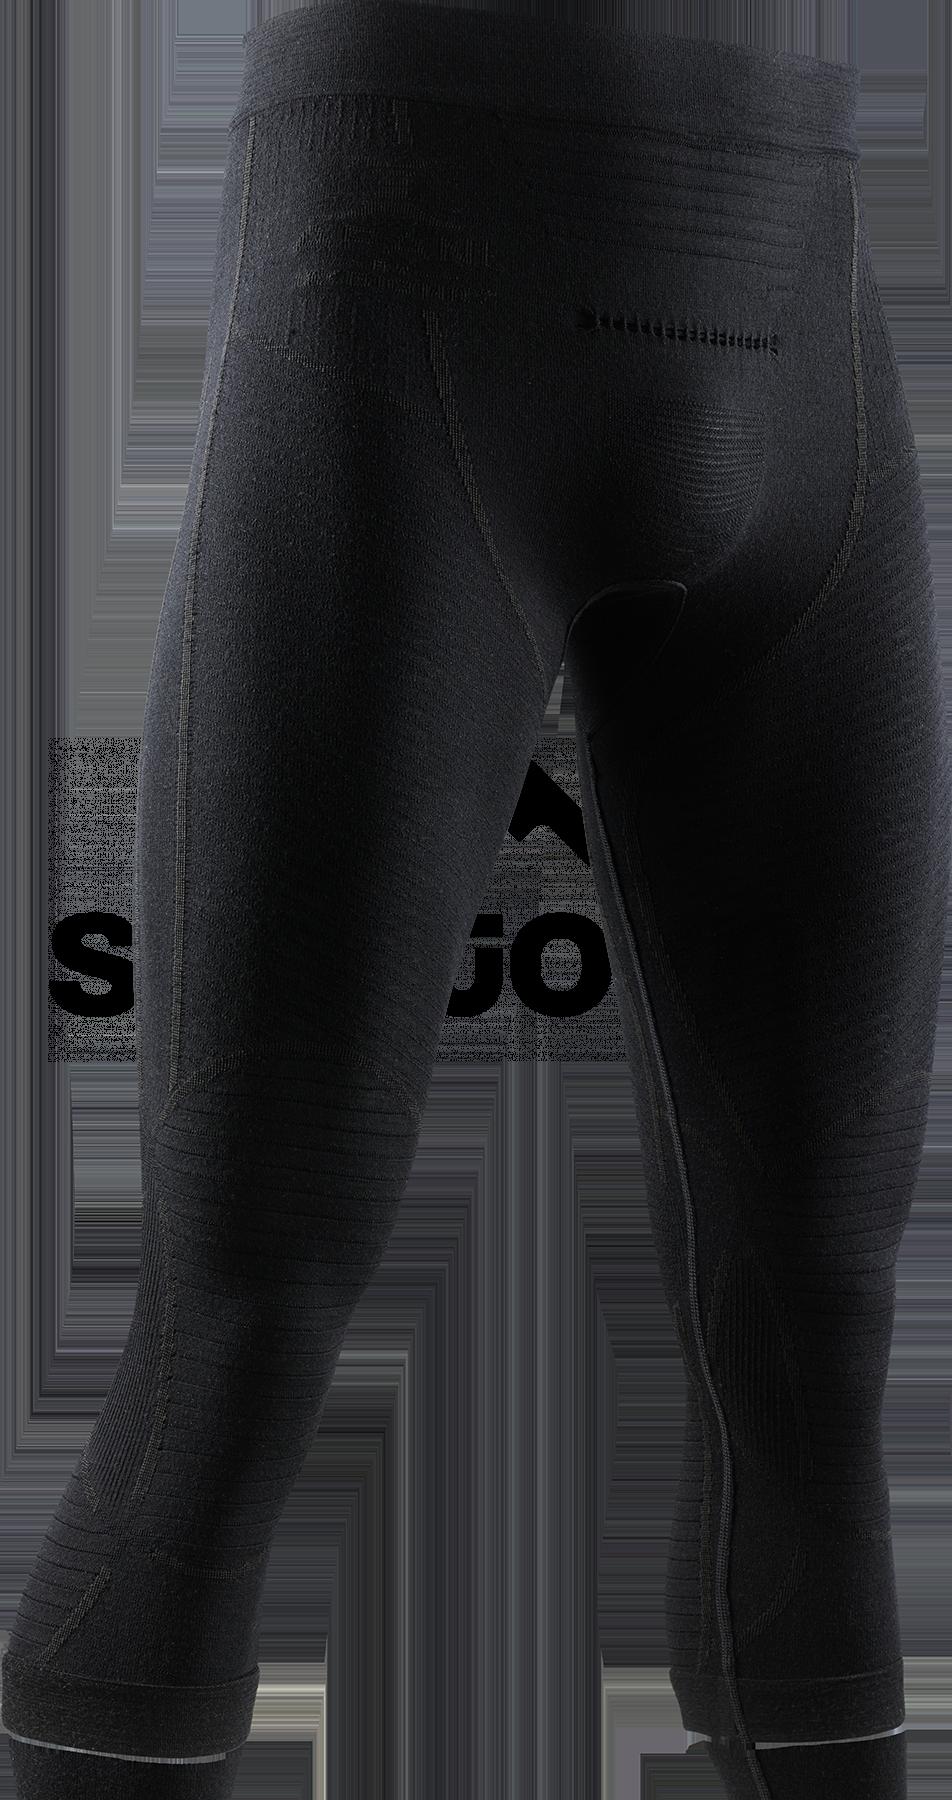 AP-WP07W19M-B026_X-Bionic Apani 4.0 Merino Pants 3/4 M